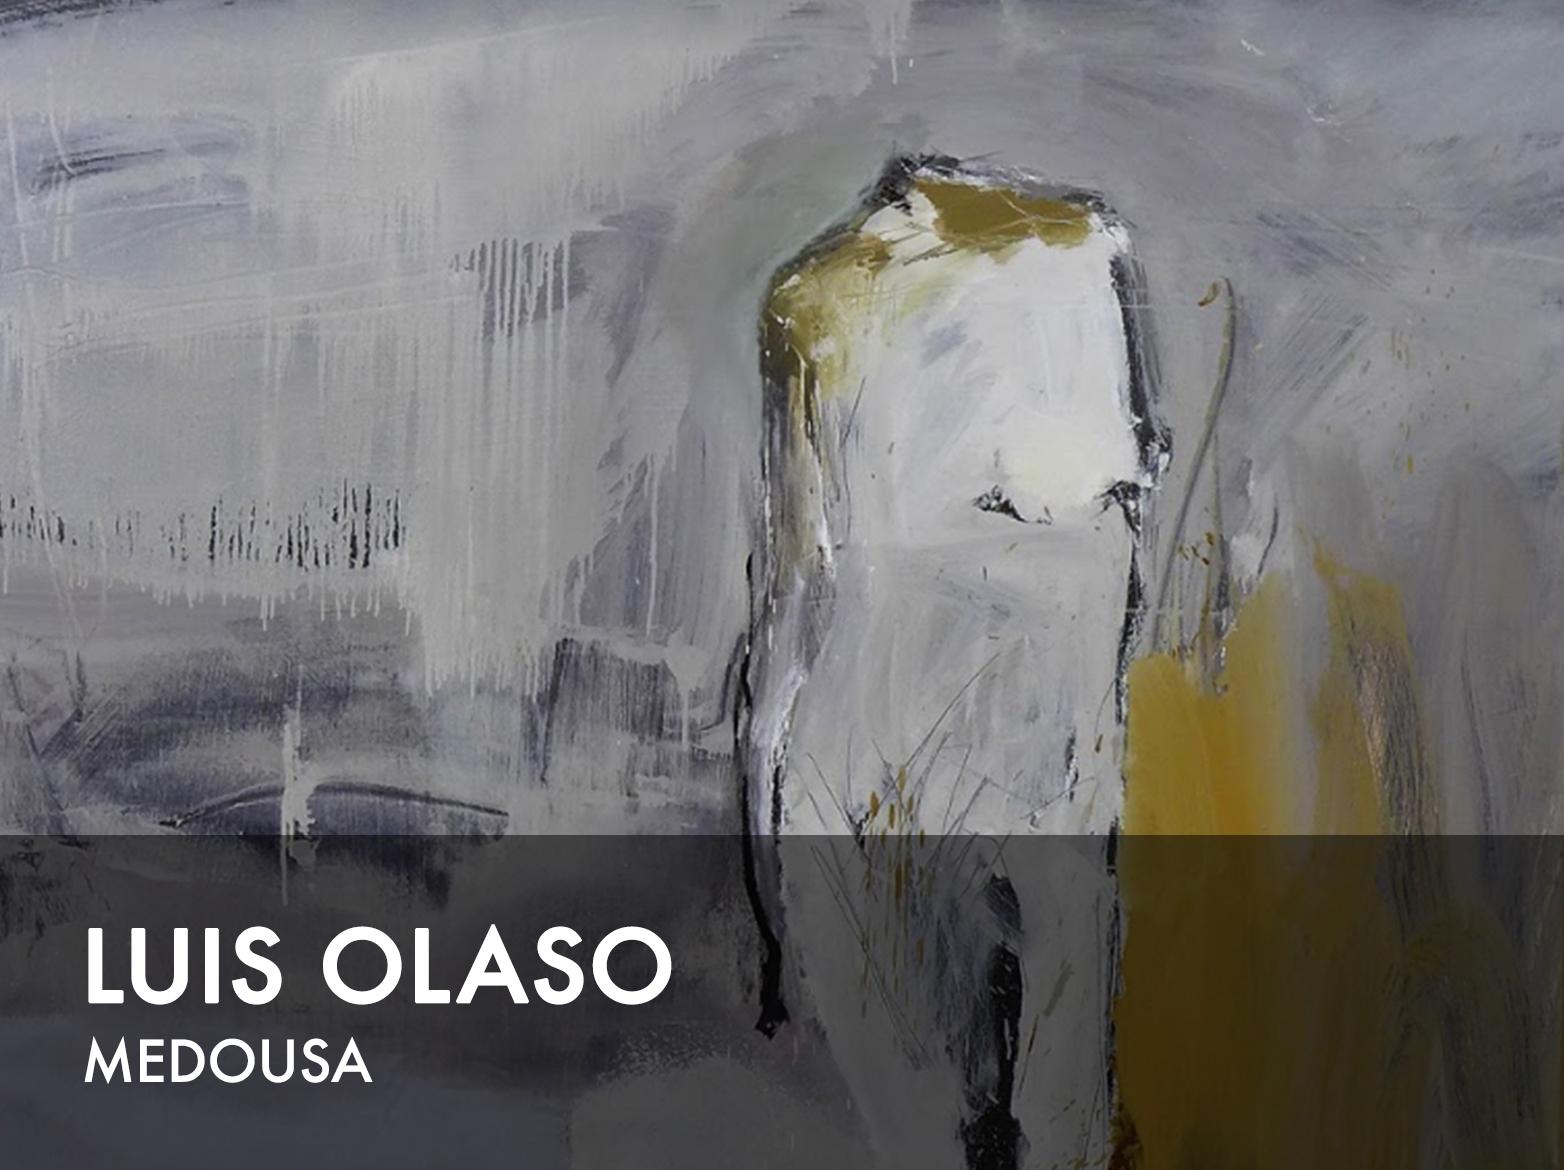 luis_olaso_medousa